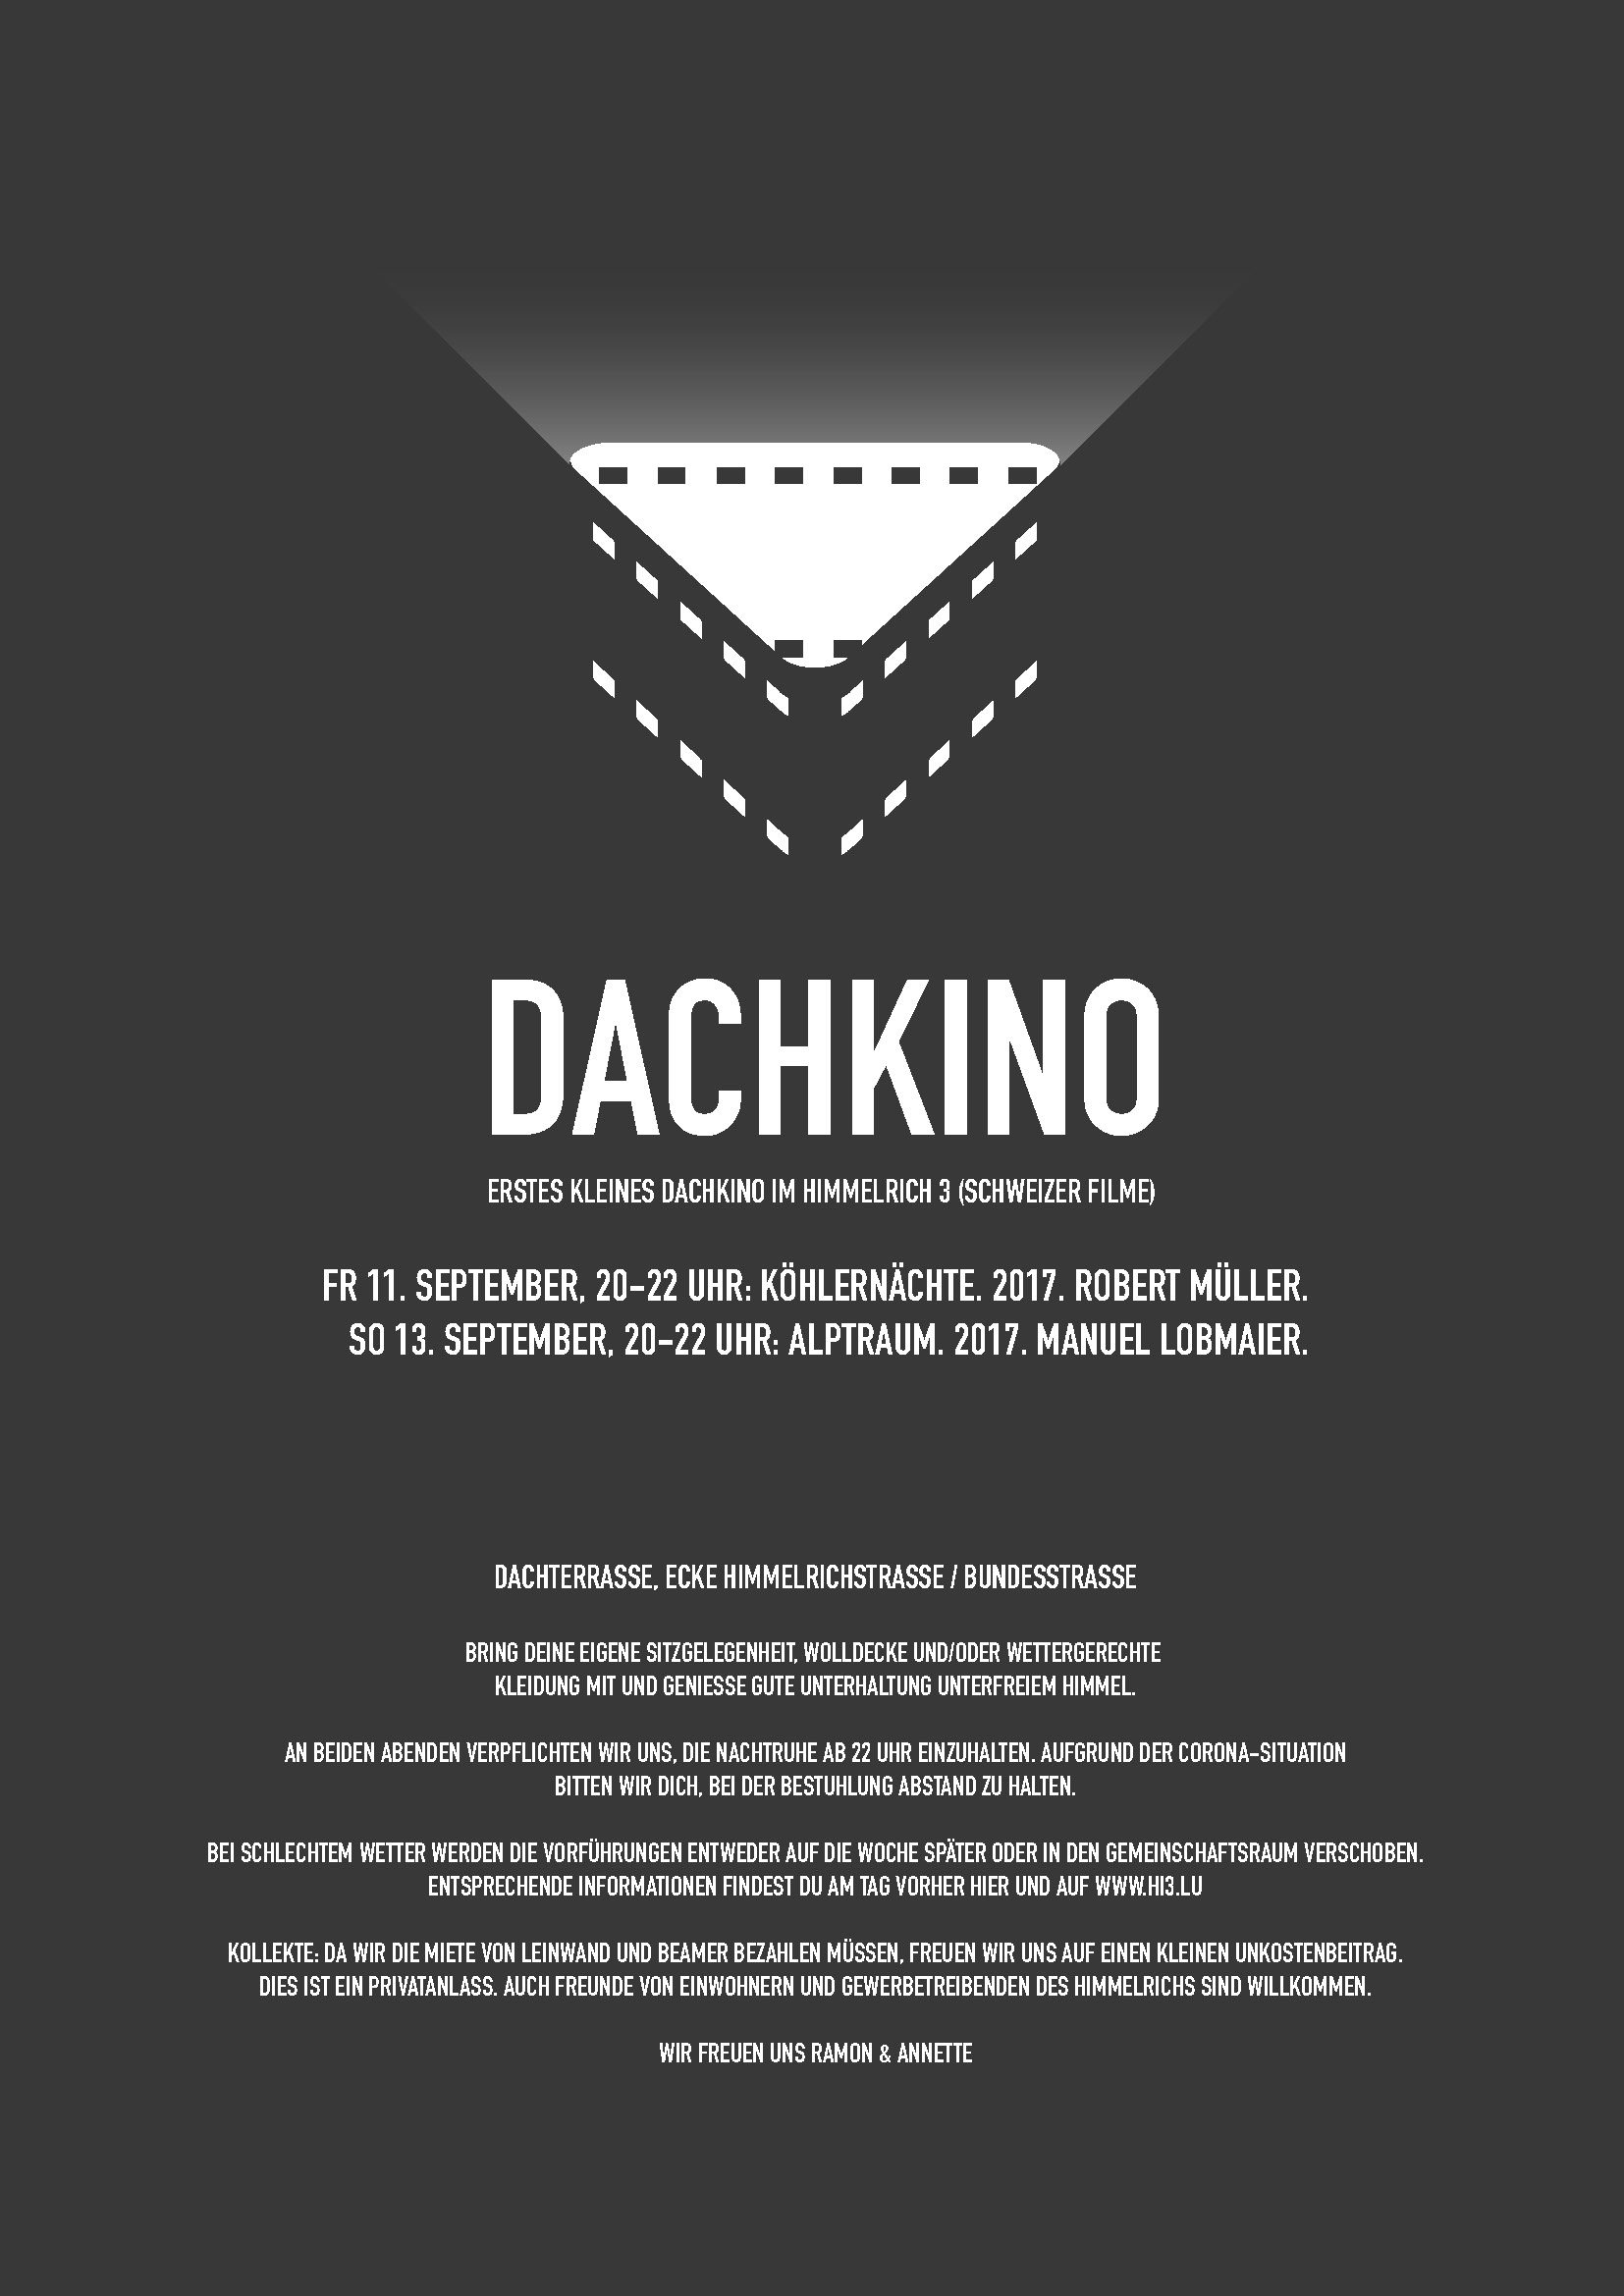 ERSTES KLEINES DACHKINO IM HIMMELRICH 3 (SCHWEIZER FILME)